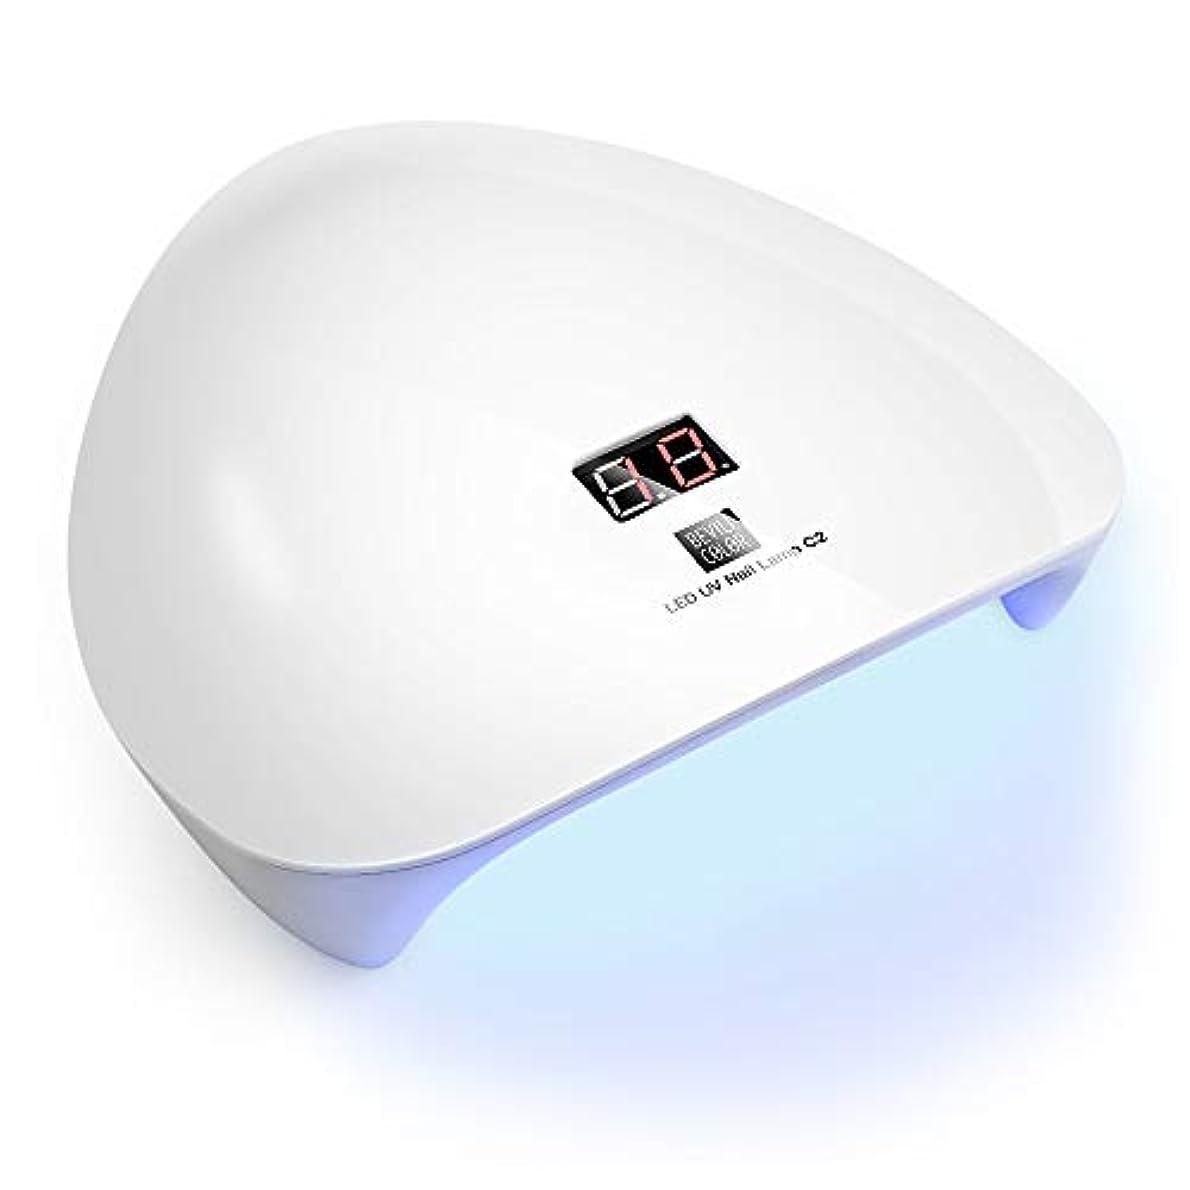 苛性準拠裁判官WEVILI ネイル硬化用ライト UVライト LEDライト UVライトネイルドライヤー マニキュア用 LED ネイルドライヤー タイマー機能 自動センサー機能 レジン 便利 (45W 硬化用UVライト)